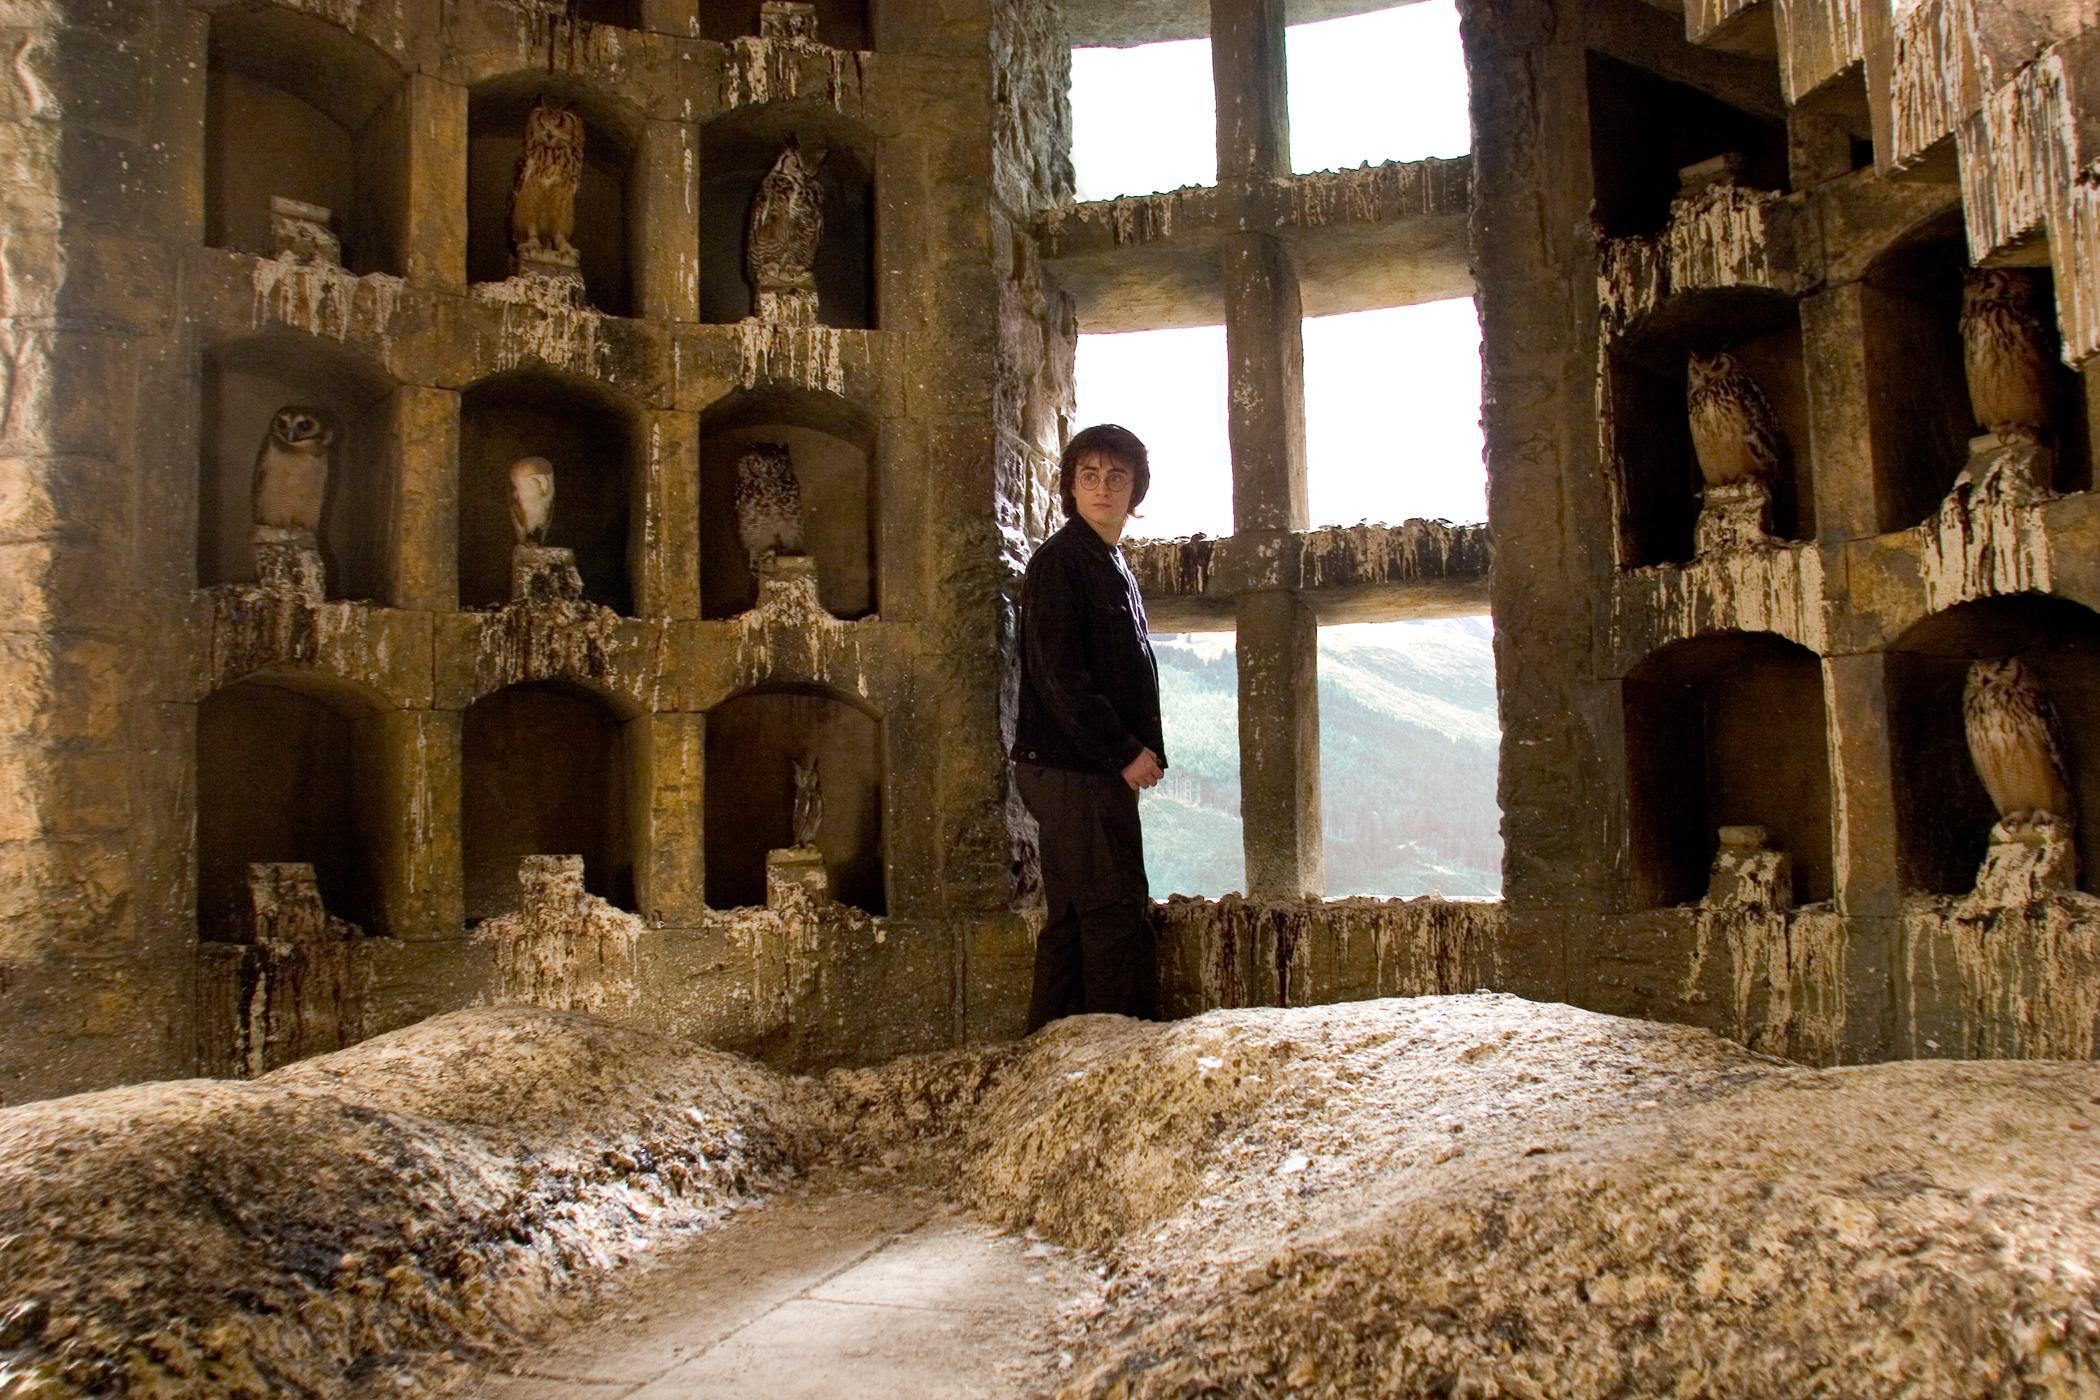 Harry Potter en la Lechucería de Hogwarts | Harry Potter y el Cáliz de Fuego